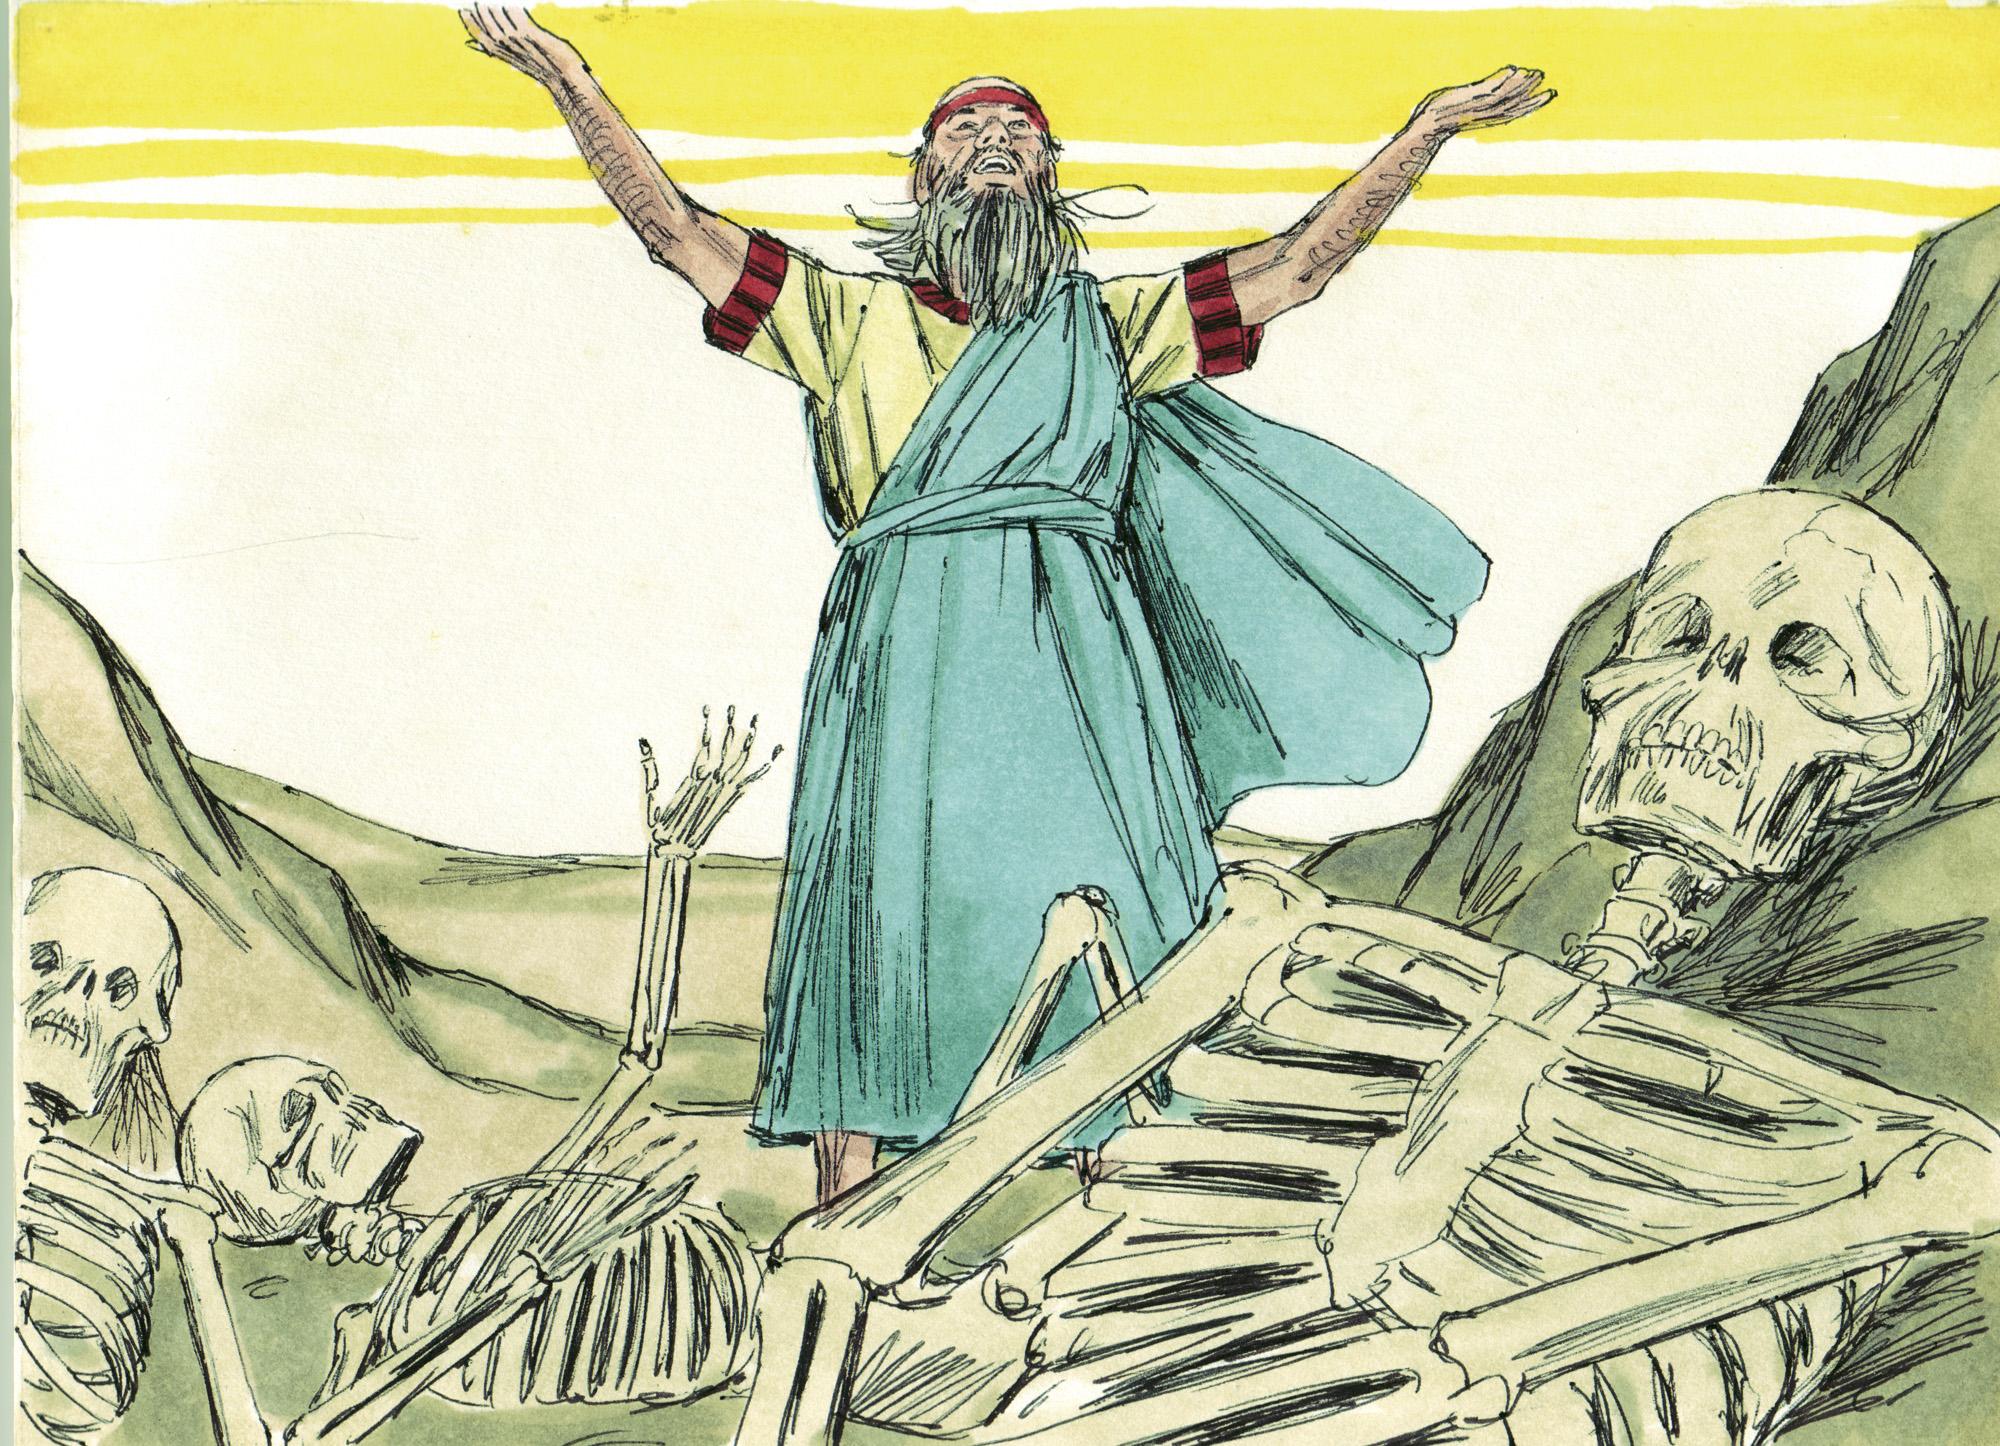 Bible Study Helps: Ezekiel and Daniel - CultureWatch